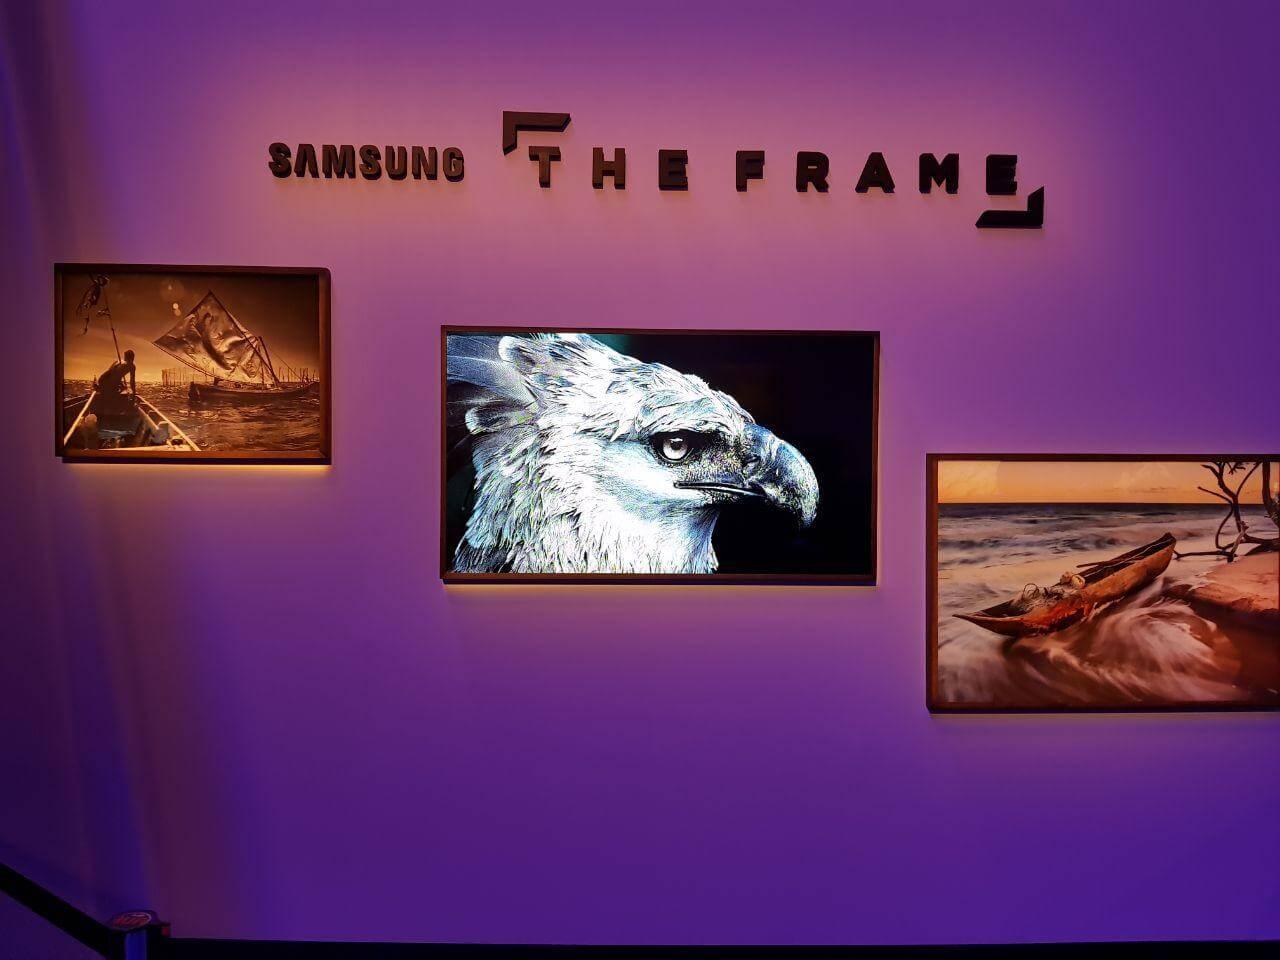 WhatsApp Image 2017 10 03 at 19.18.47 - The Frame: Samsung anuncia Smart TV como obra de arte